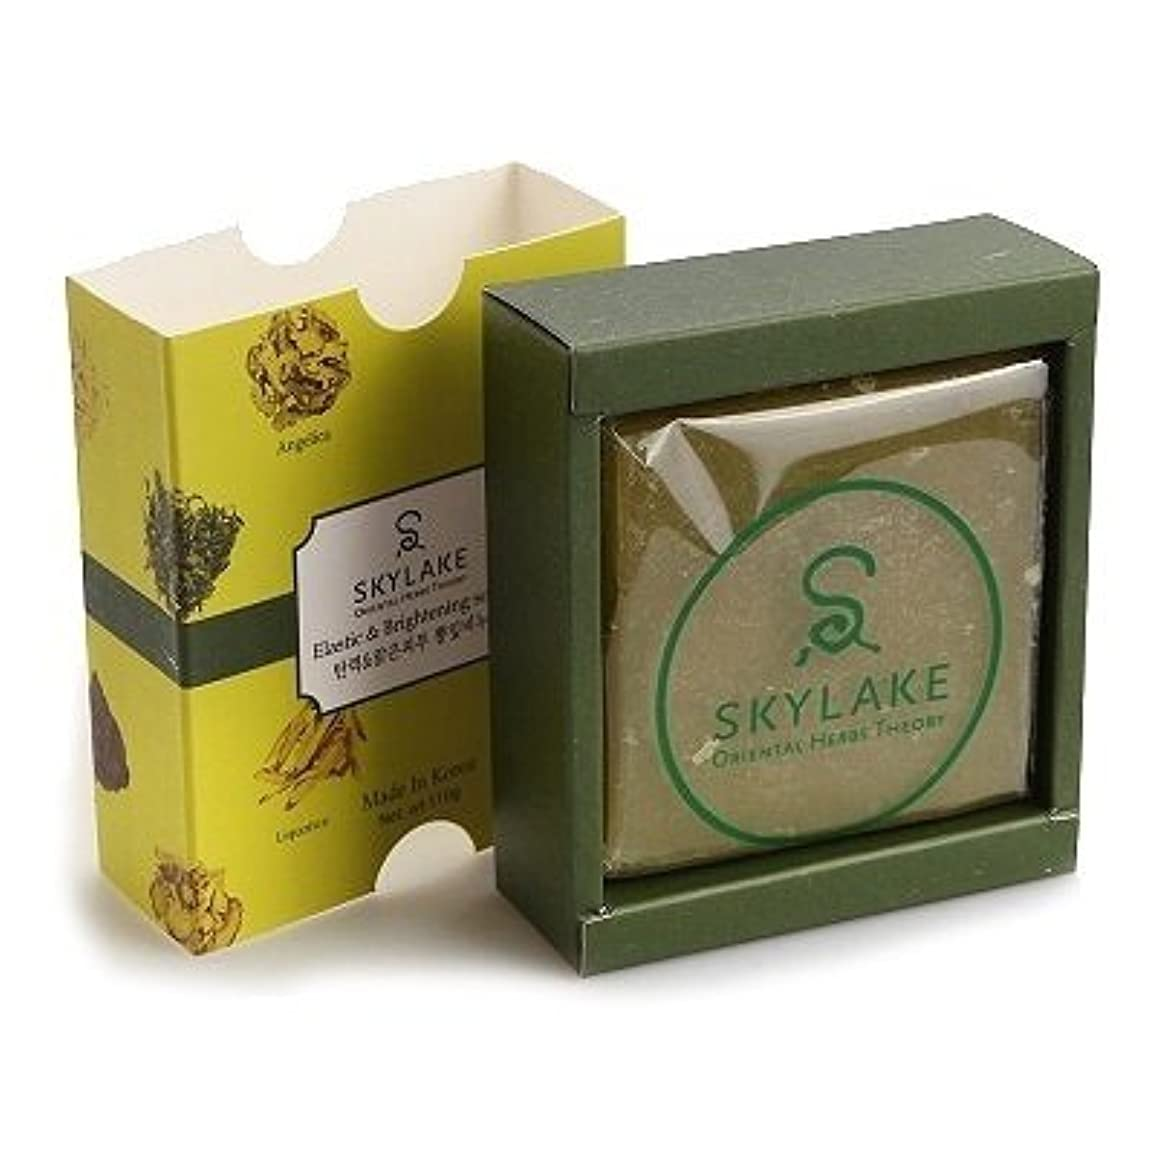 必要性微弱候補者[1+1]ハヌルホス[Skylake] 漢方アロマ石鹸Oriental Herbs Theory Soap (ハリ改善&ブライトニング用)